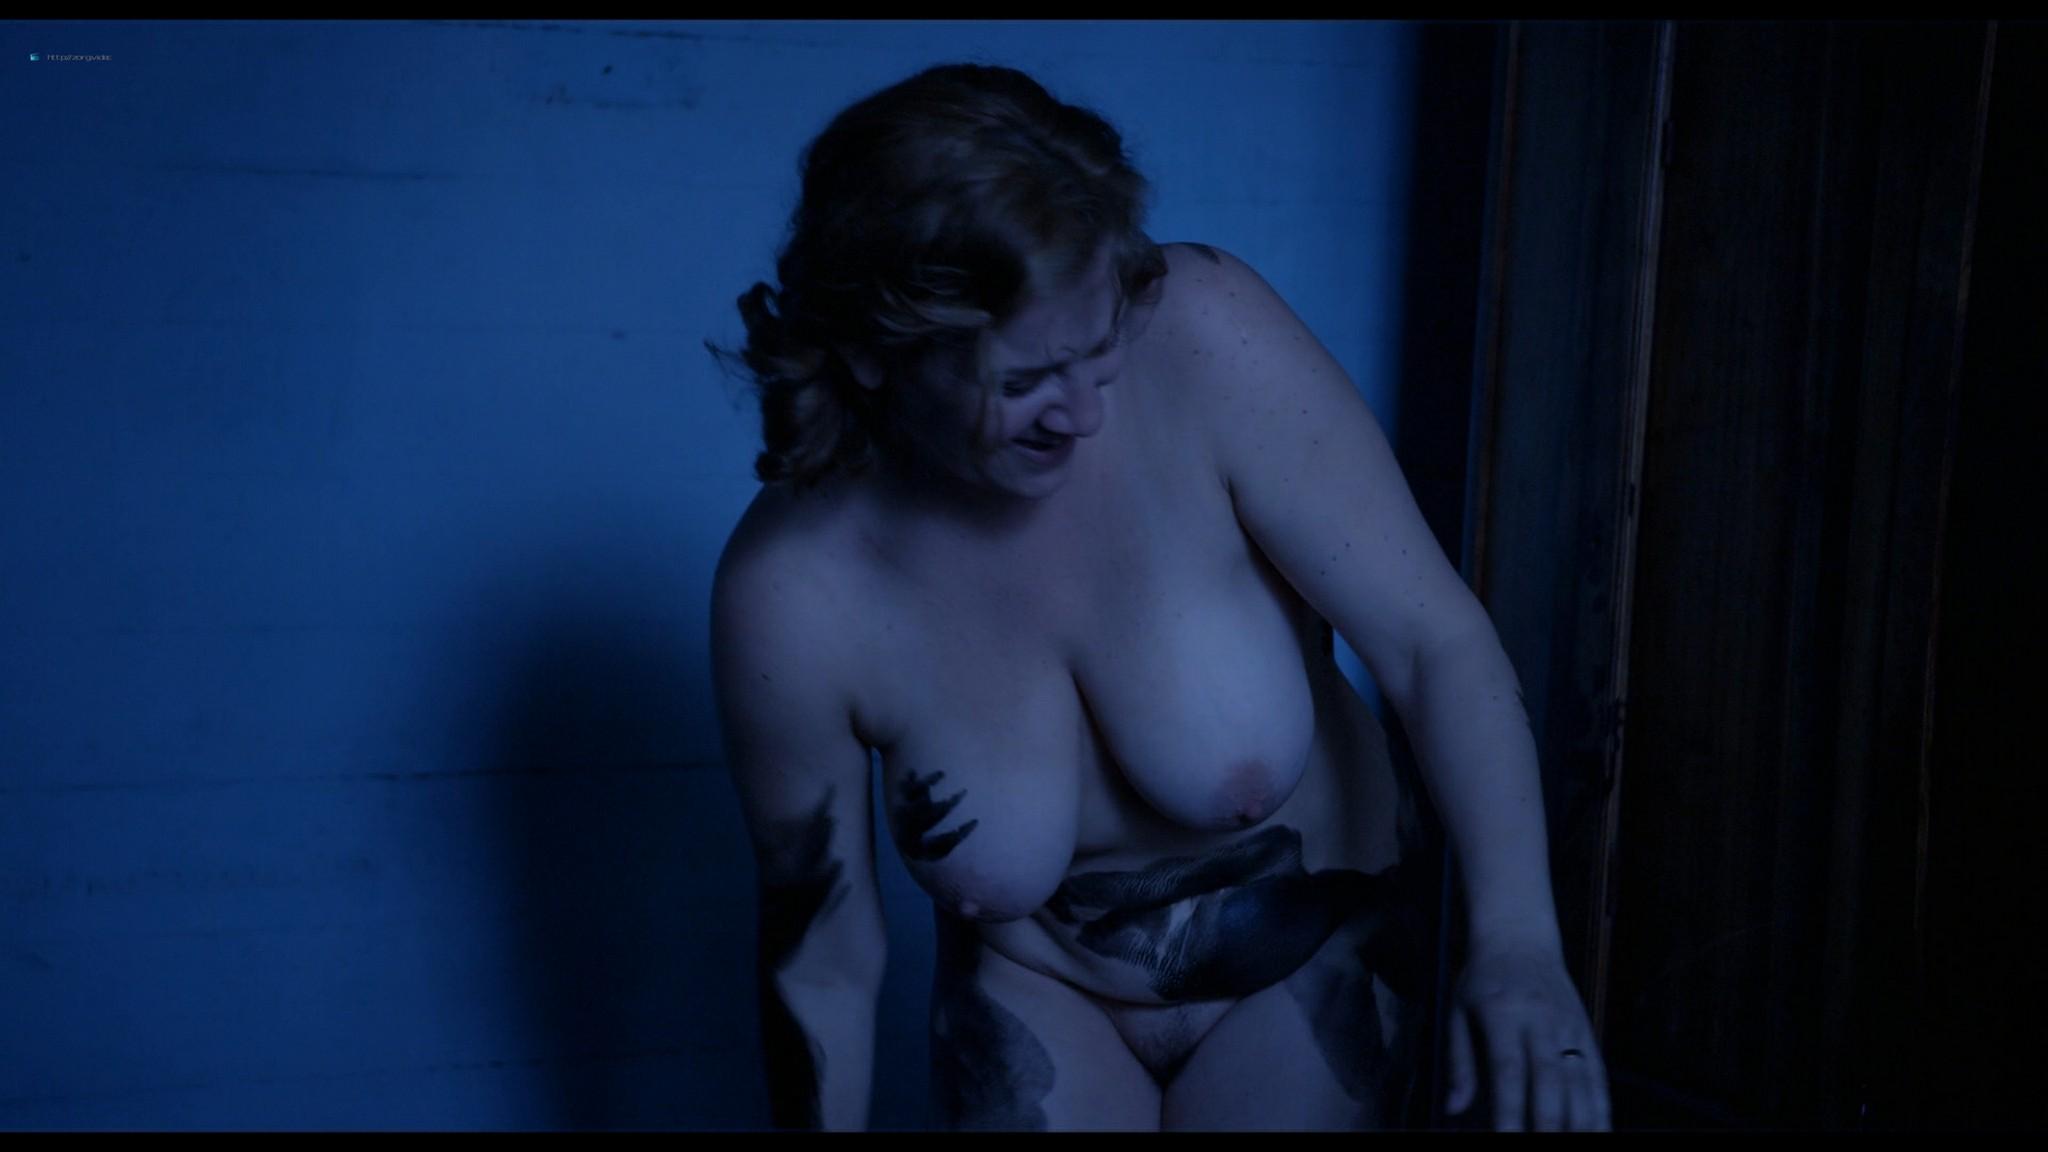 Pamela Flores nude full frontal - La danza de la realidad (2013) HD 1080p BluRay REMUX (6)